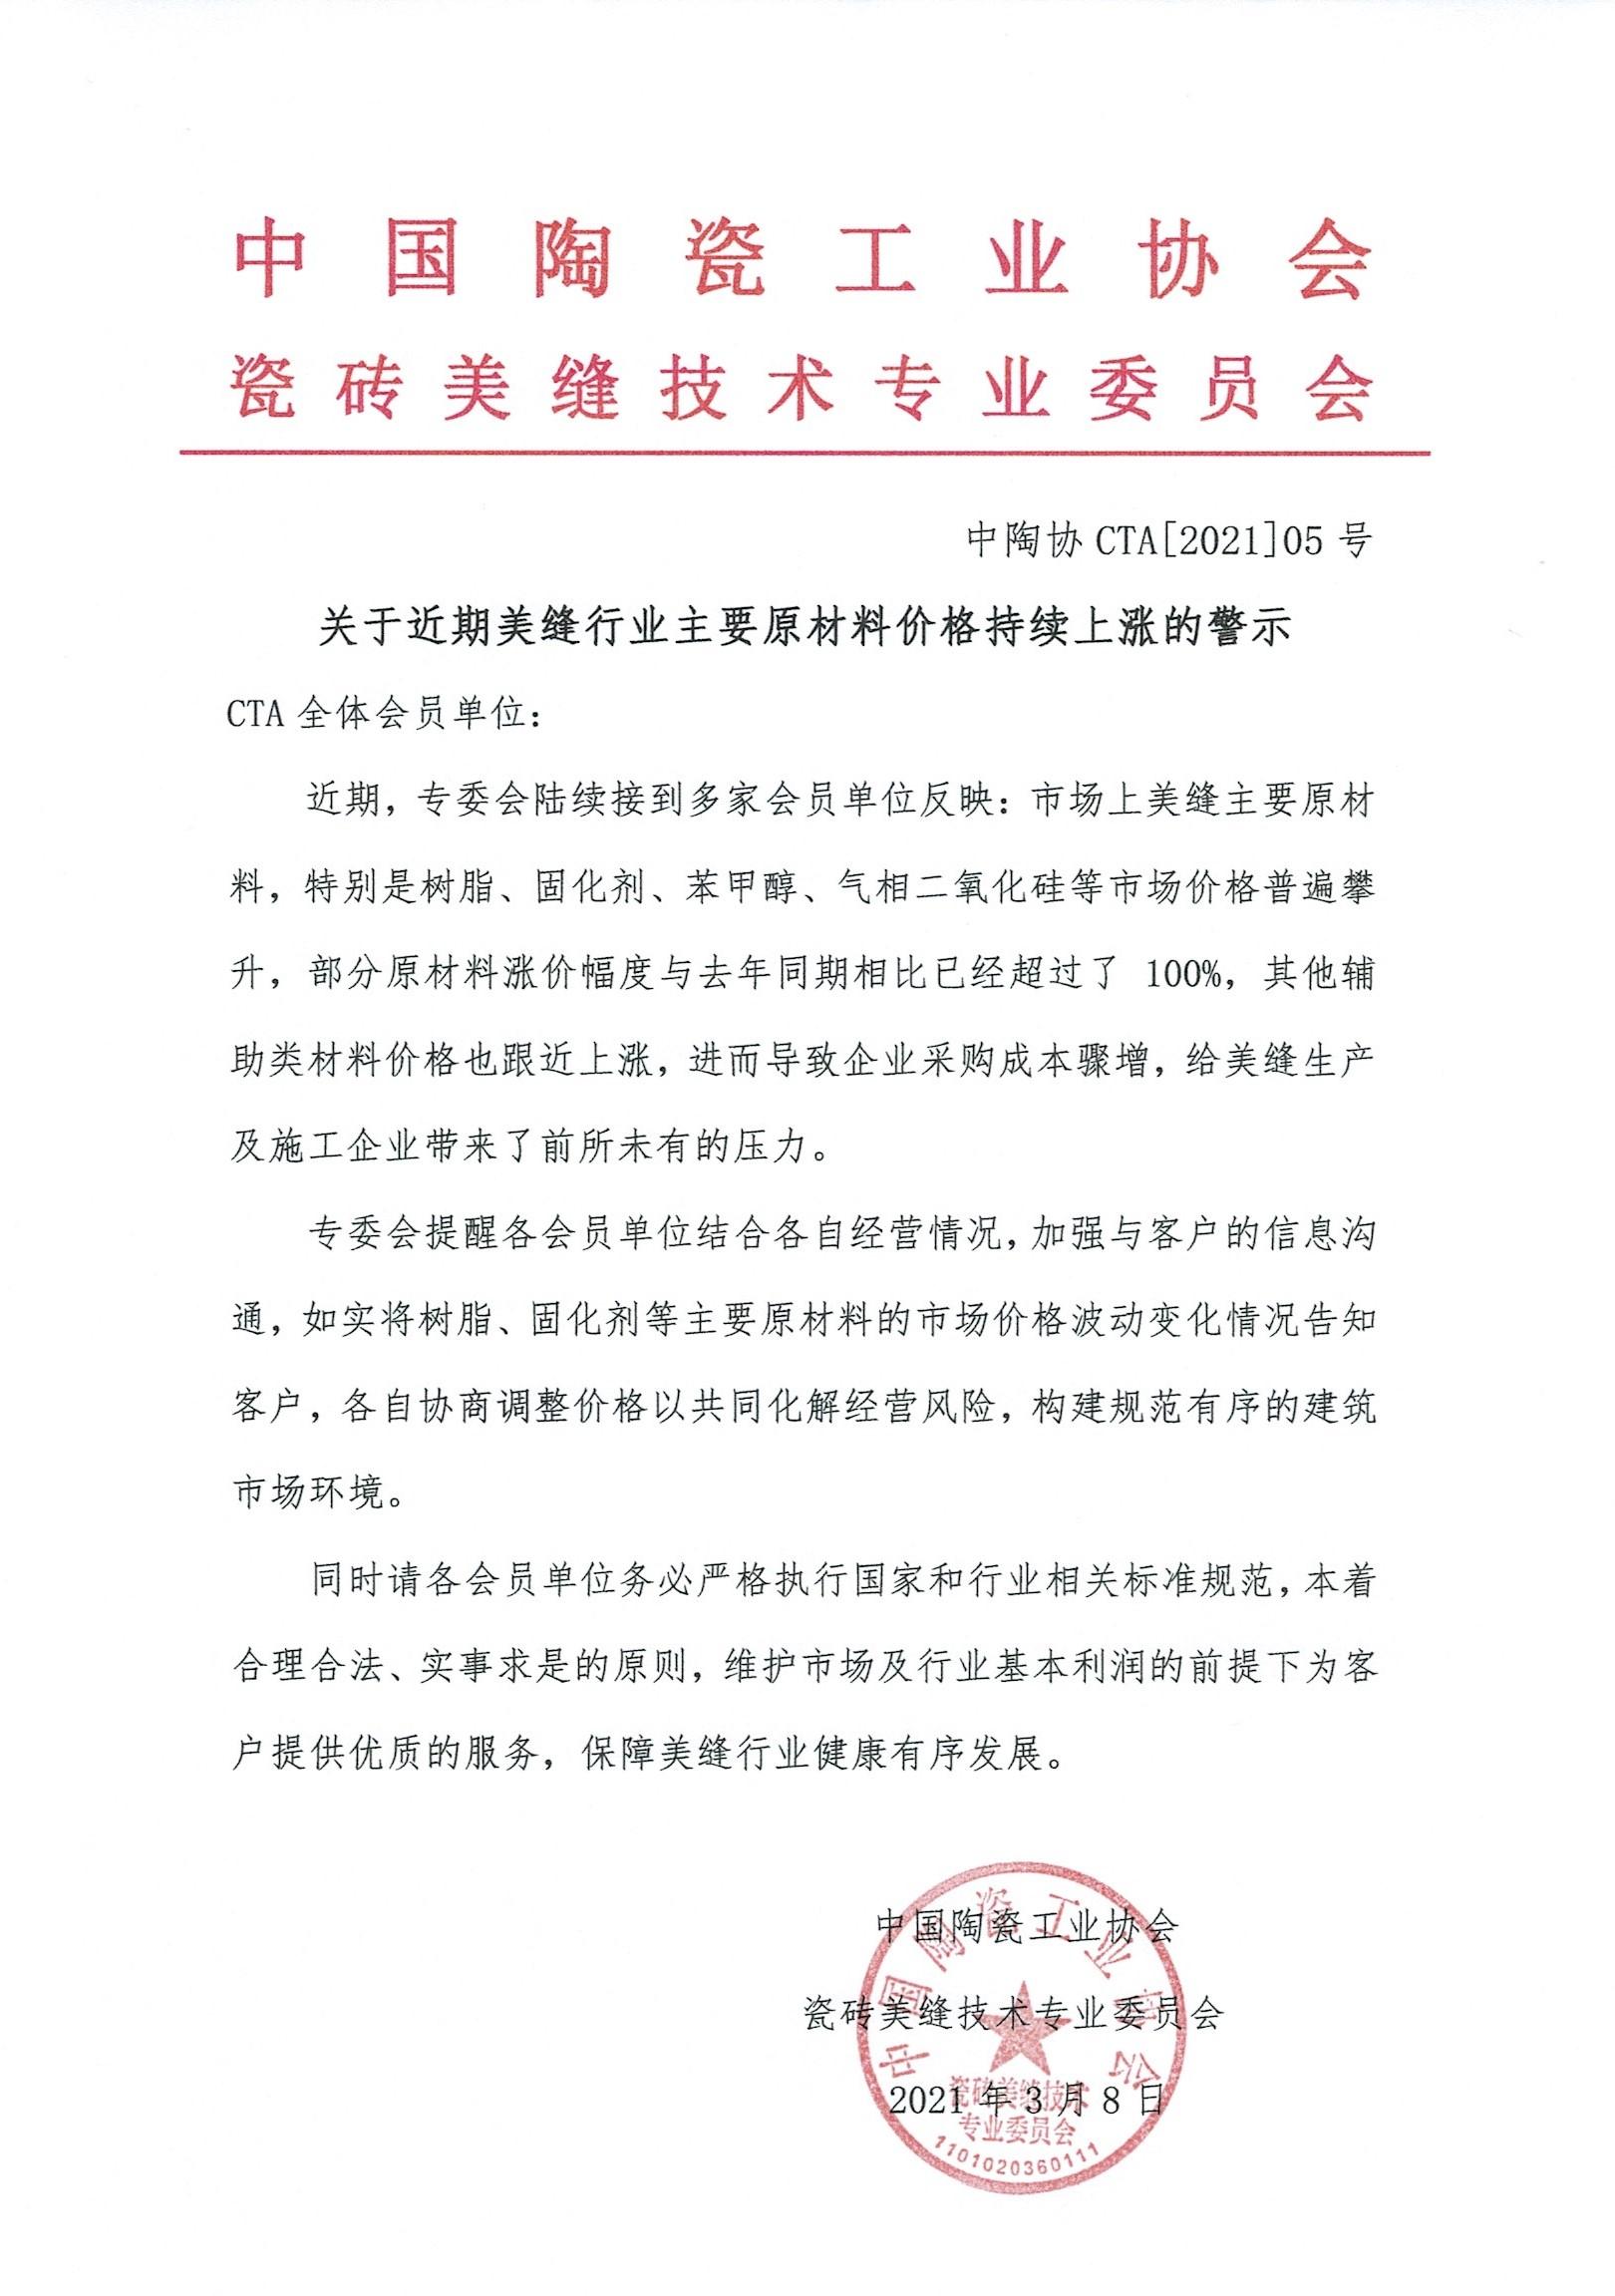 关于近期美缝行业主要原材料价格持续上涨的警示 中陶协CTA[2021]05号